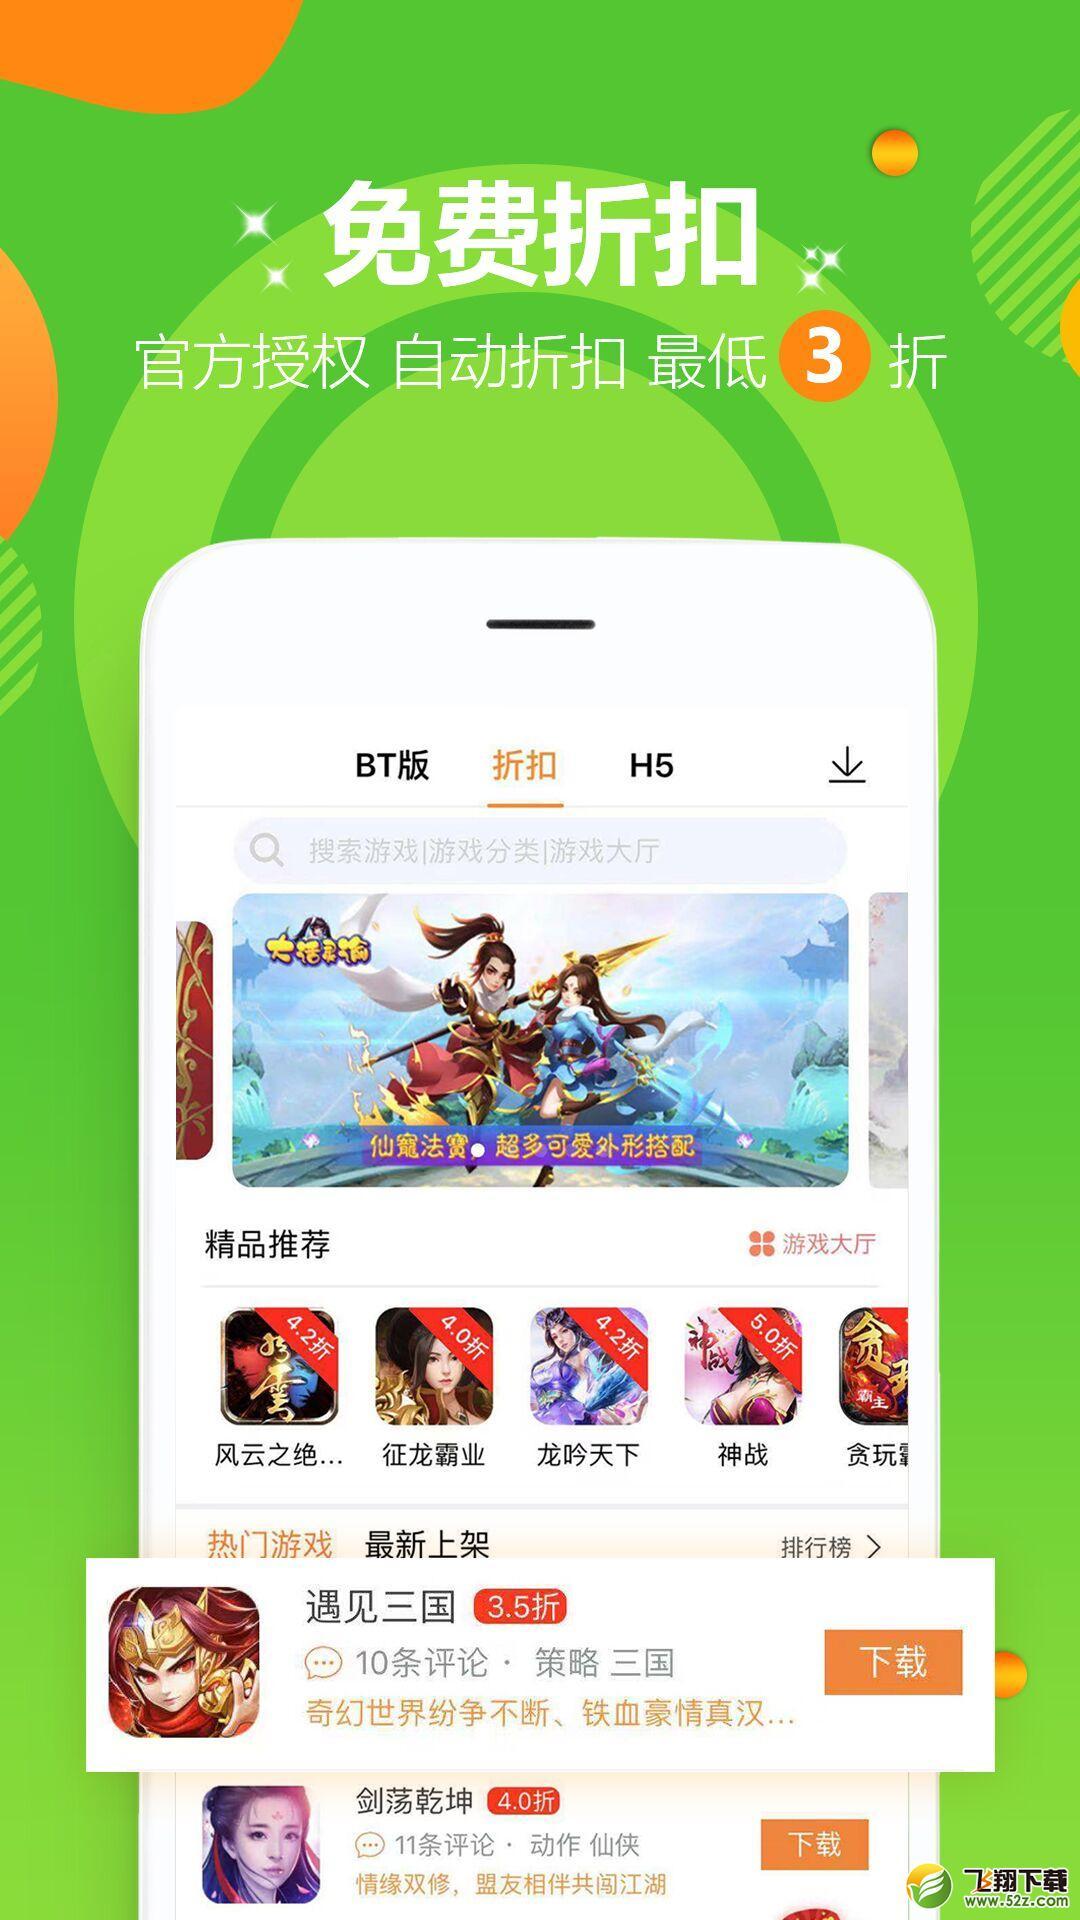 9917玩手游公益服平台V2.1.1 安卓版_52z.com